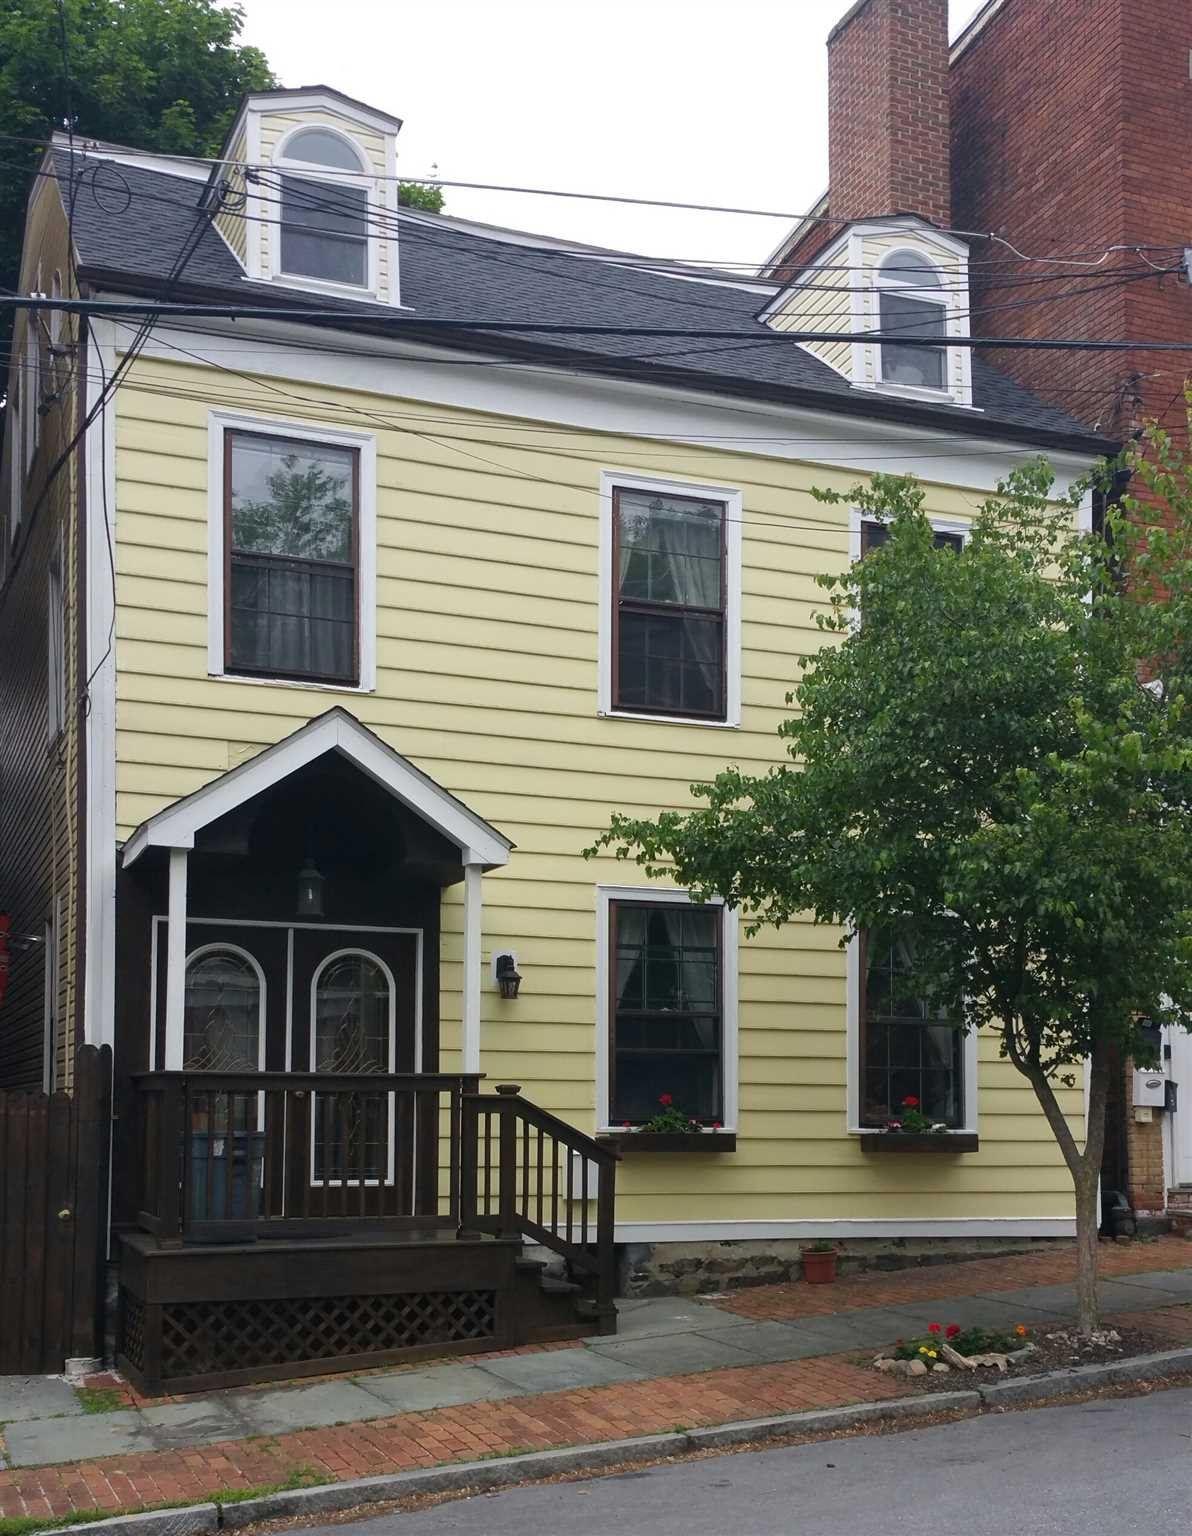 181 UNION ST, Poughkeepsie, NY 12601 - #: 390963